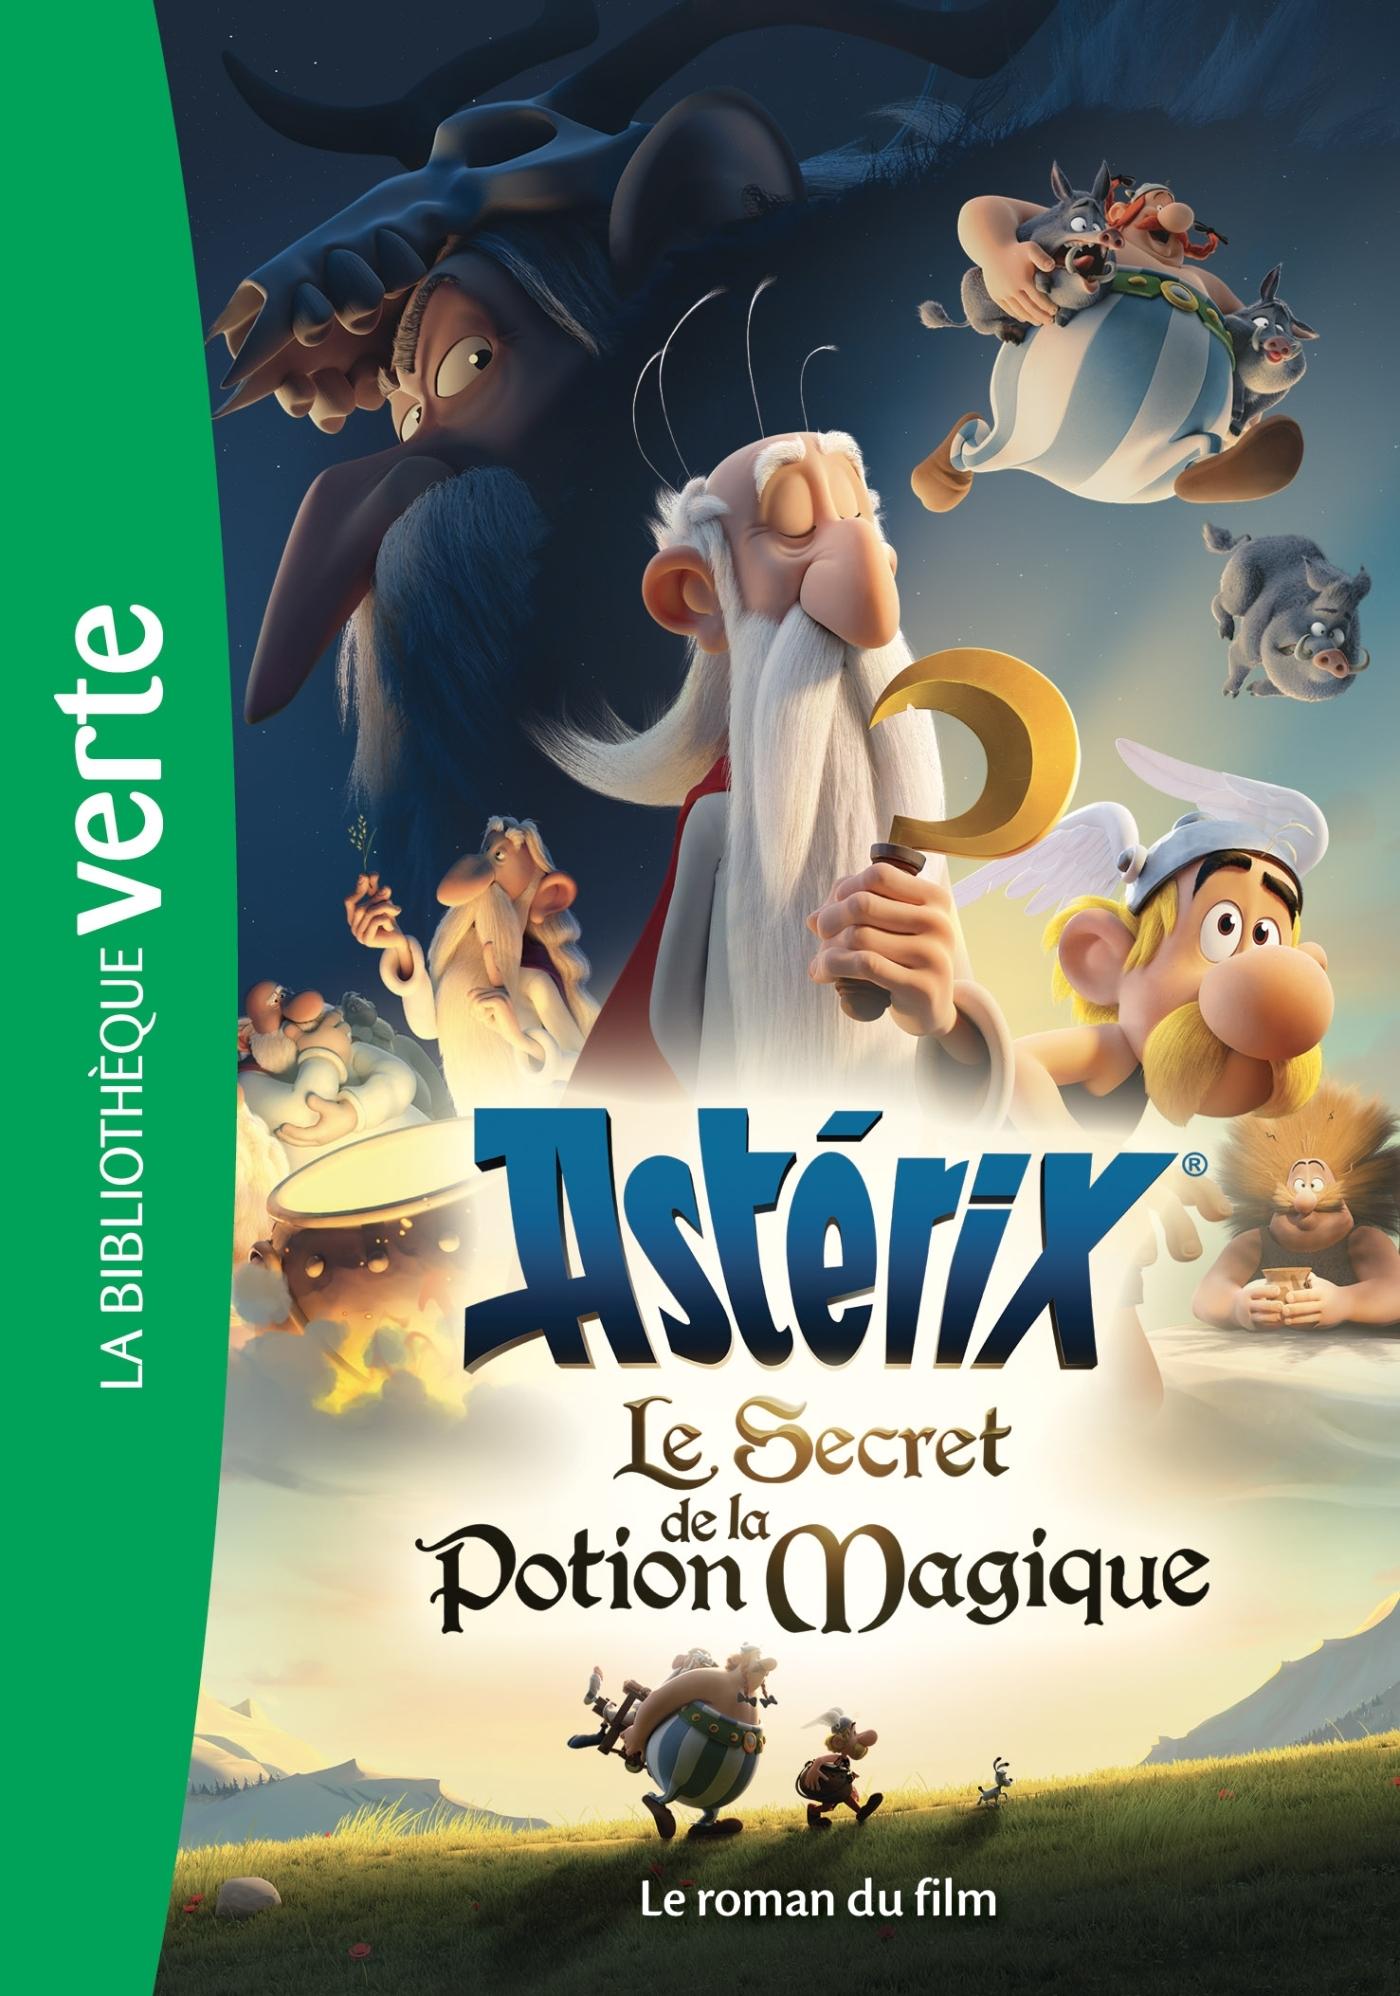 ASTERIX, LE SECRET DE LA POTION MAGIQUE - LE ROMAN DU FILM - FILMS BB VERTE 8-10 - T0